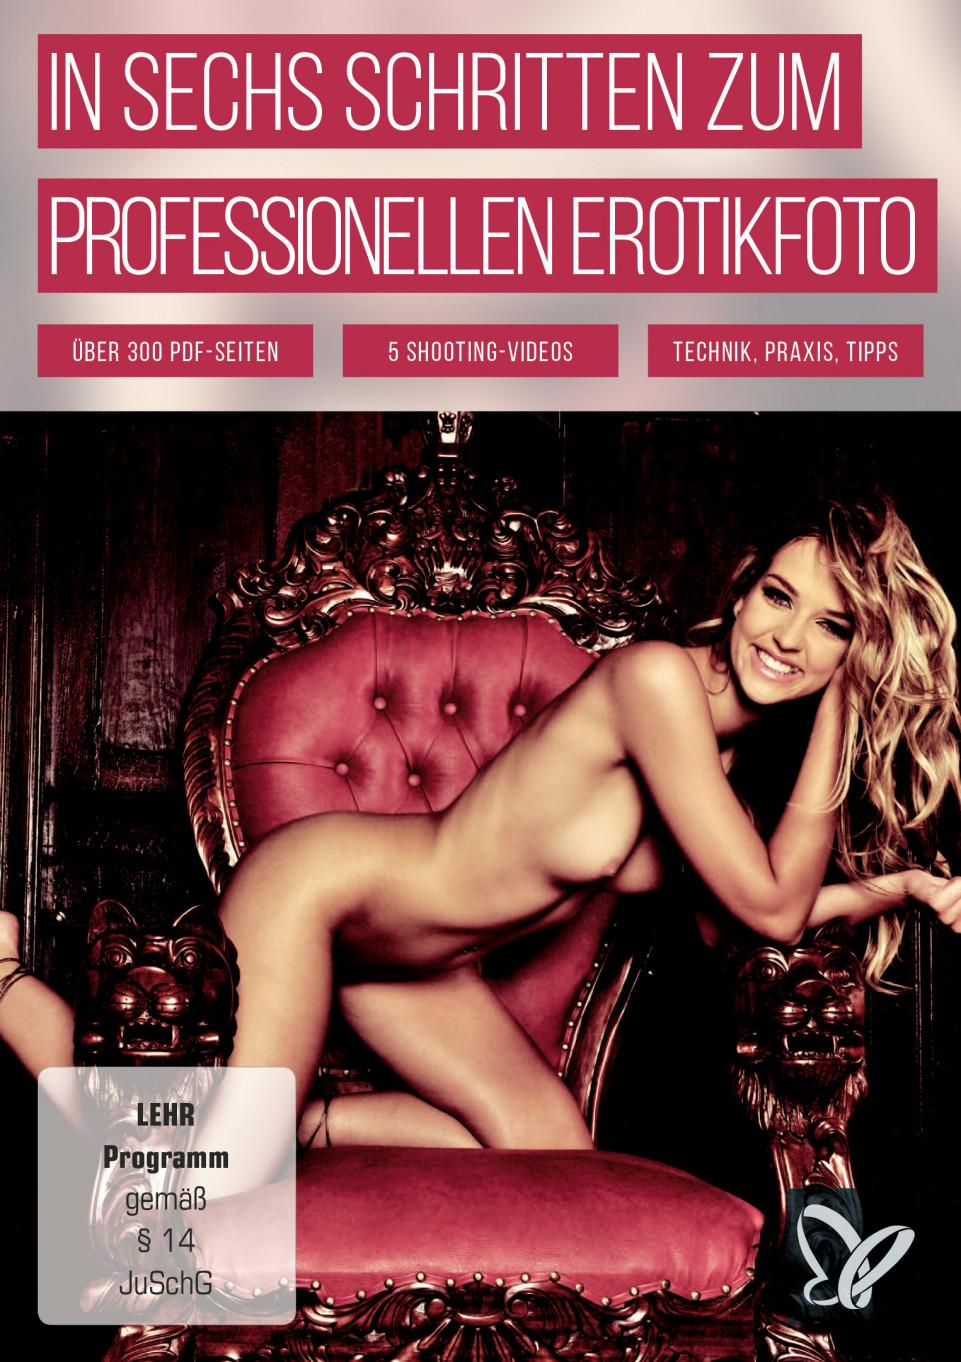 In sechs Schritten zum professionellen Erotikfoto